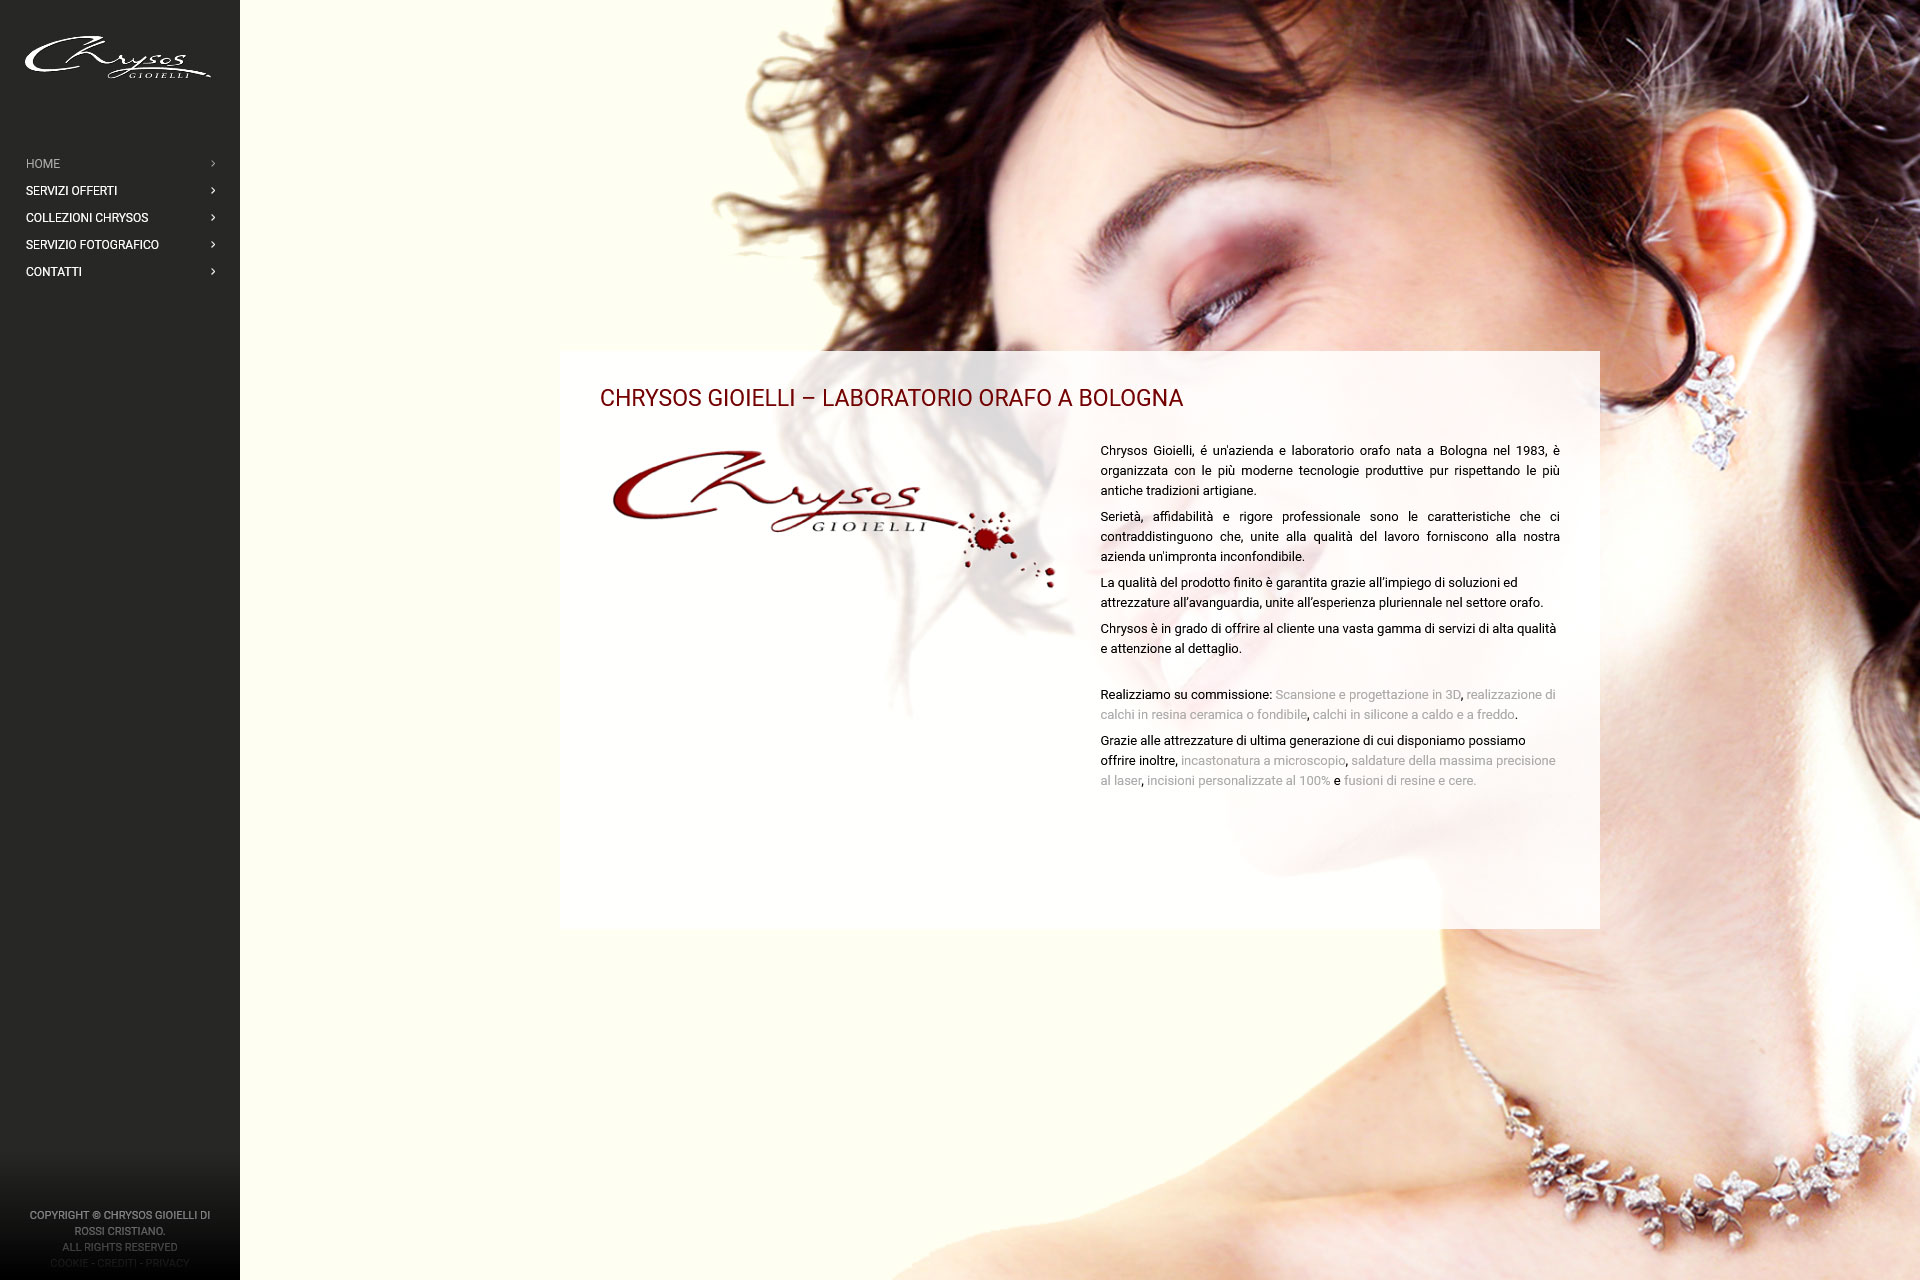 lv-design-realizzazione-siti-web-bologna-portfolio-chrysos-gioielli-slide-1